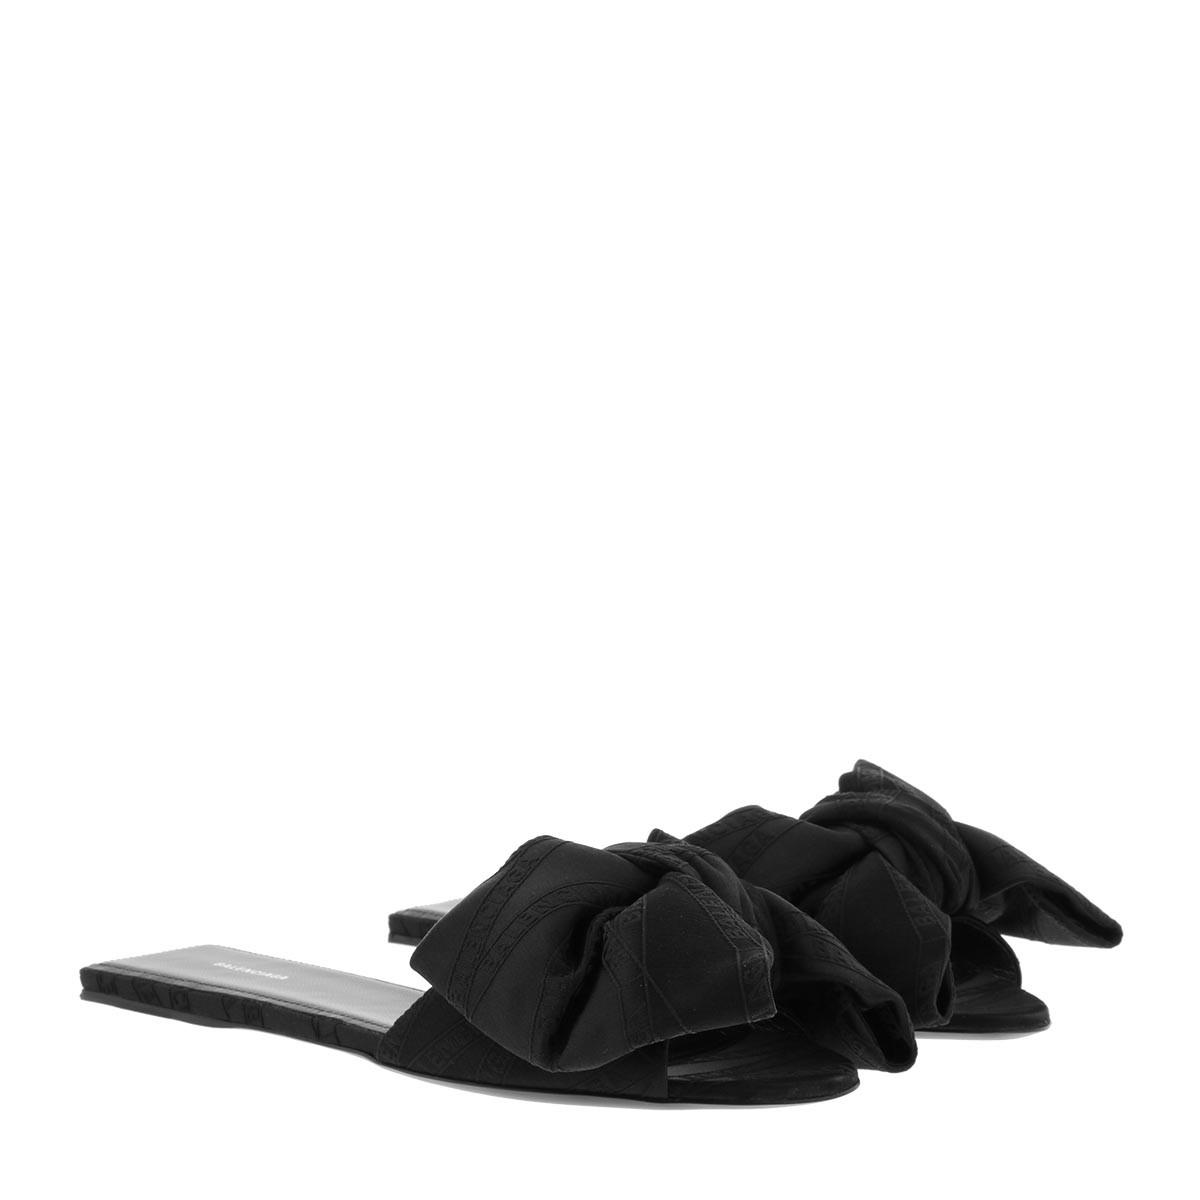 Balenciaga Sandalen - Bow Slides Black - in schwarz - für Damen